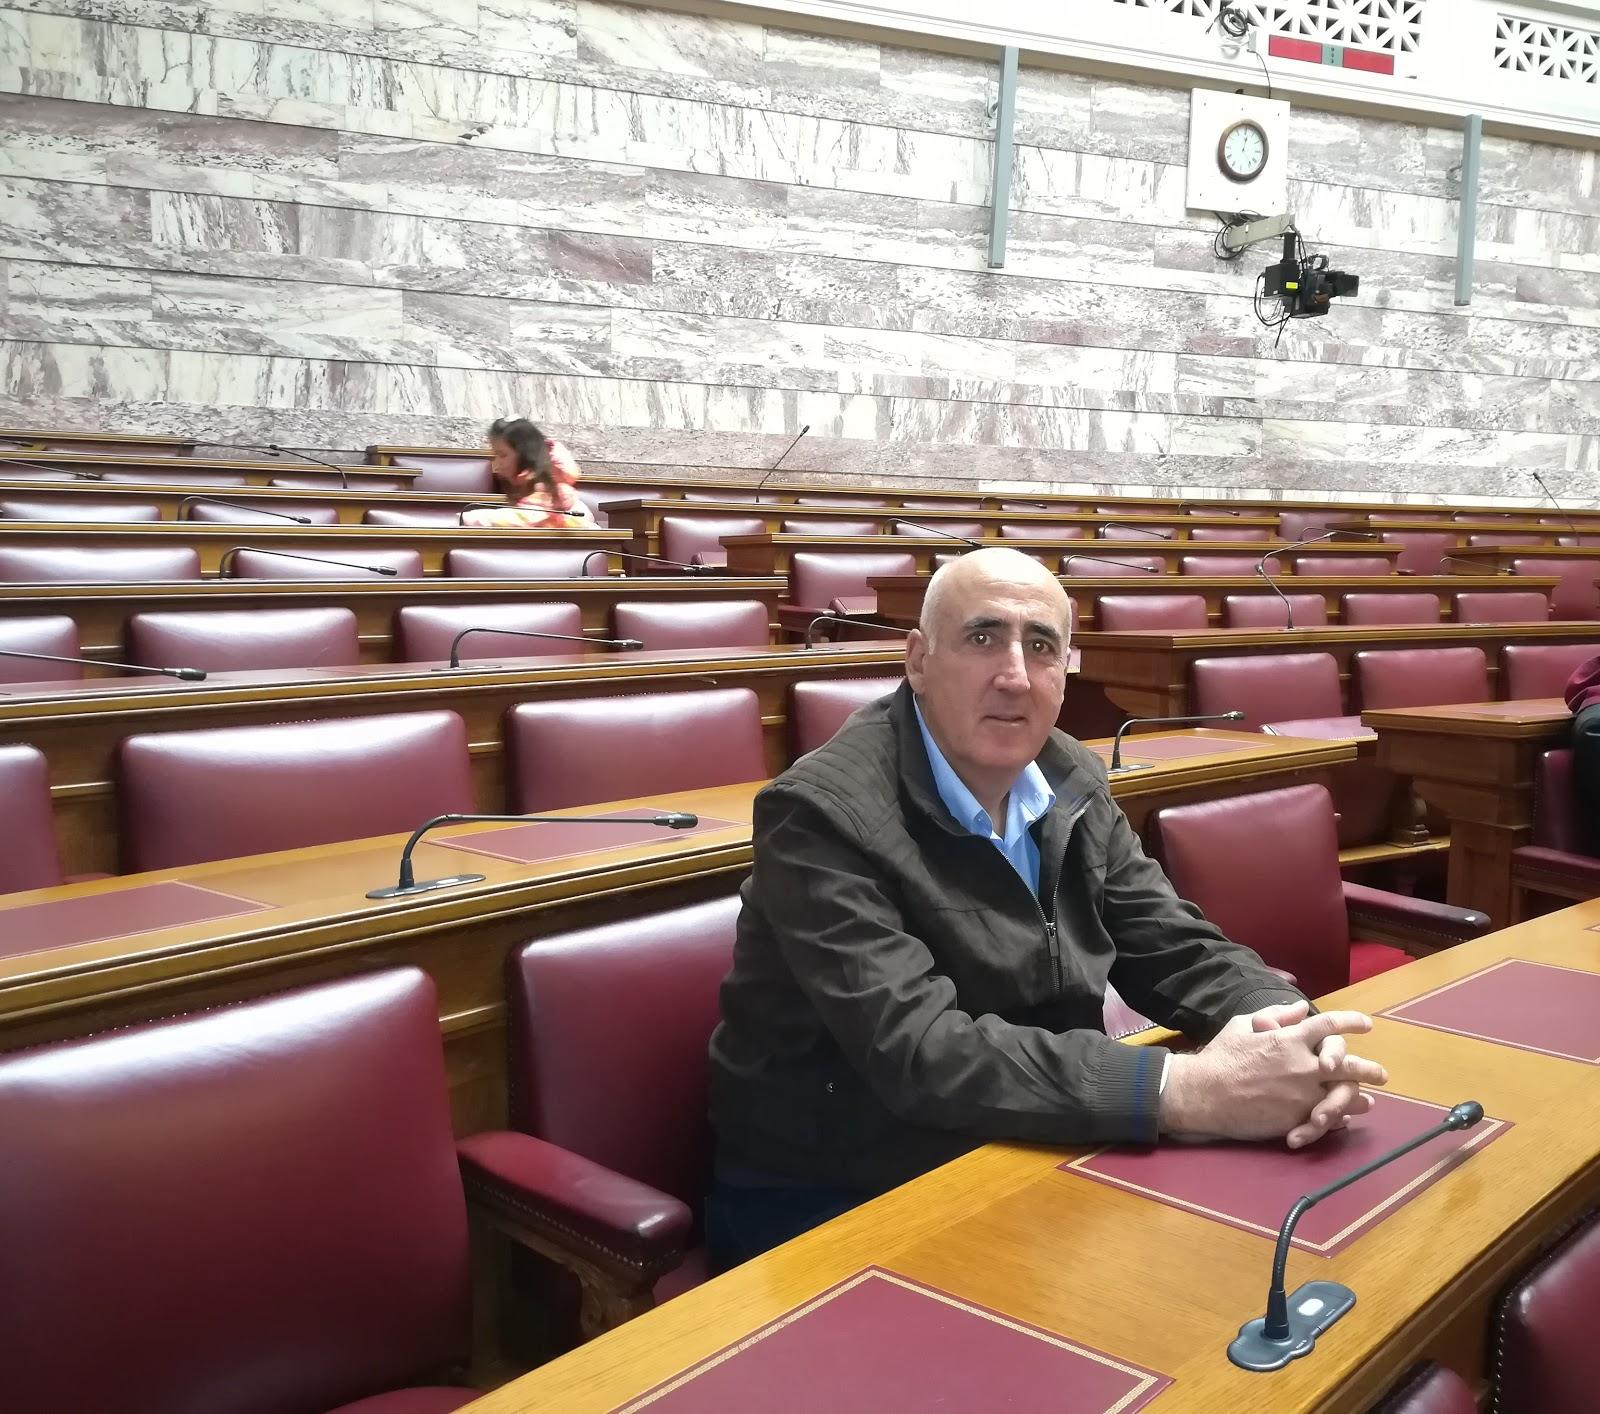 Επίσκεψη στην Βουλή των Ελλήνων  10 Δεκ 2018